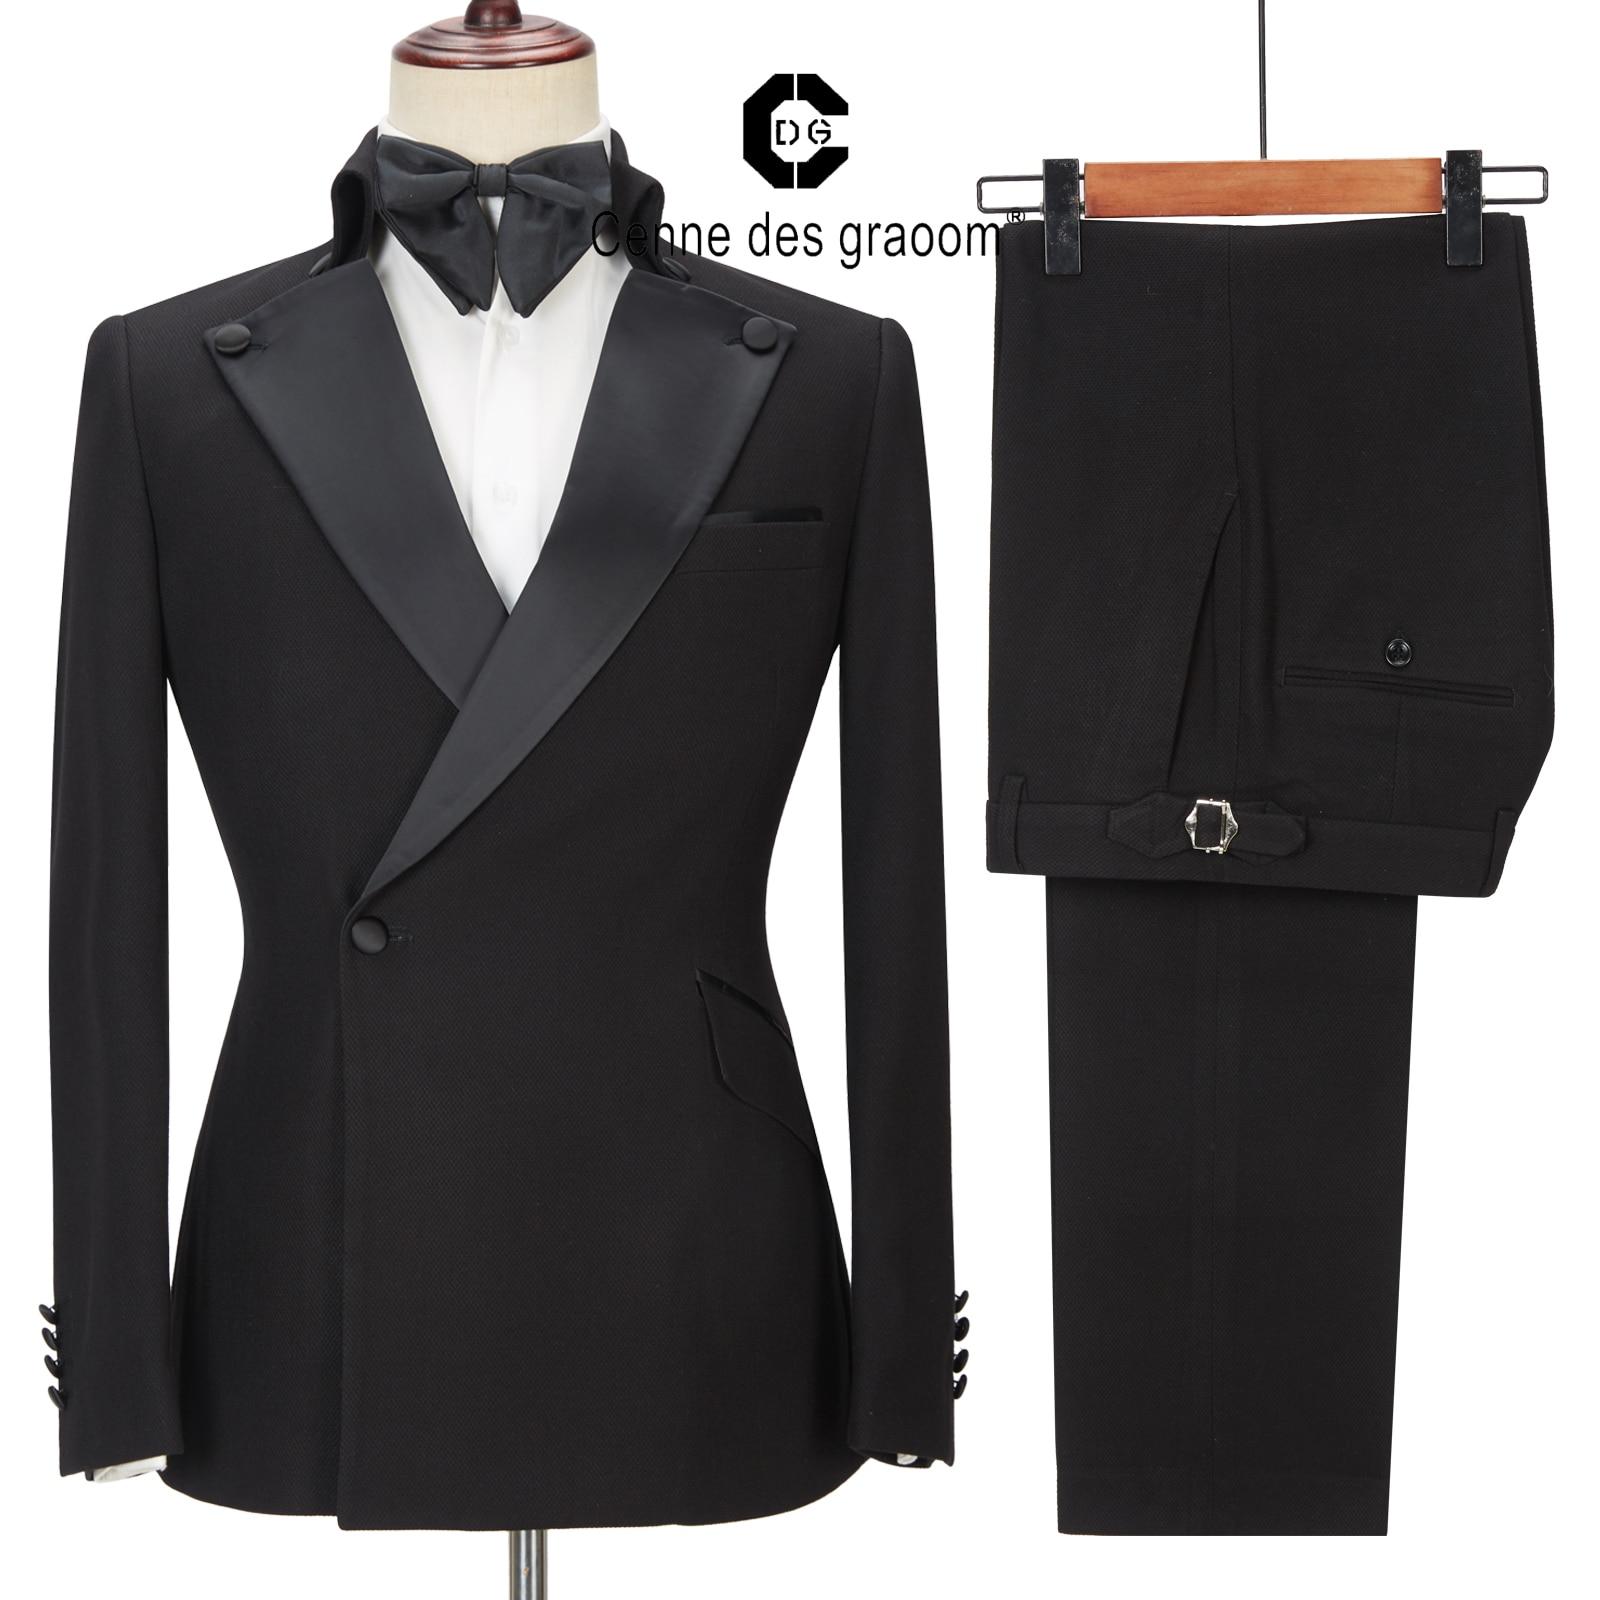 Cenne ديس Graoom أحدث معطف تصميم الرجال الدعاوى مصممة خصيصا سهرة 2 قطعة الحلل الزفاف حزب المغني العريس زي أوم الأسود